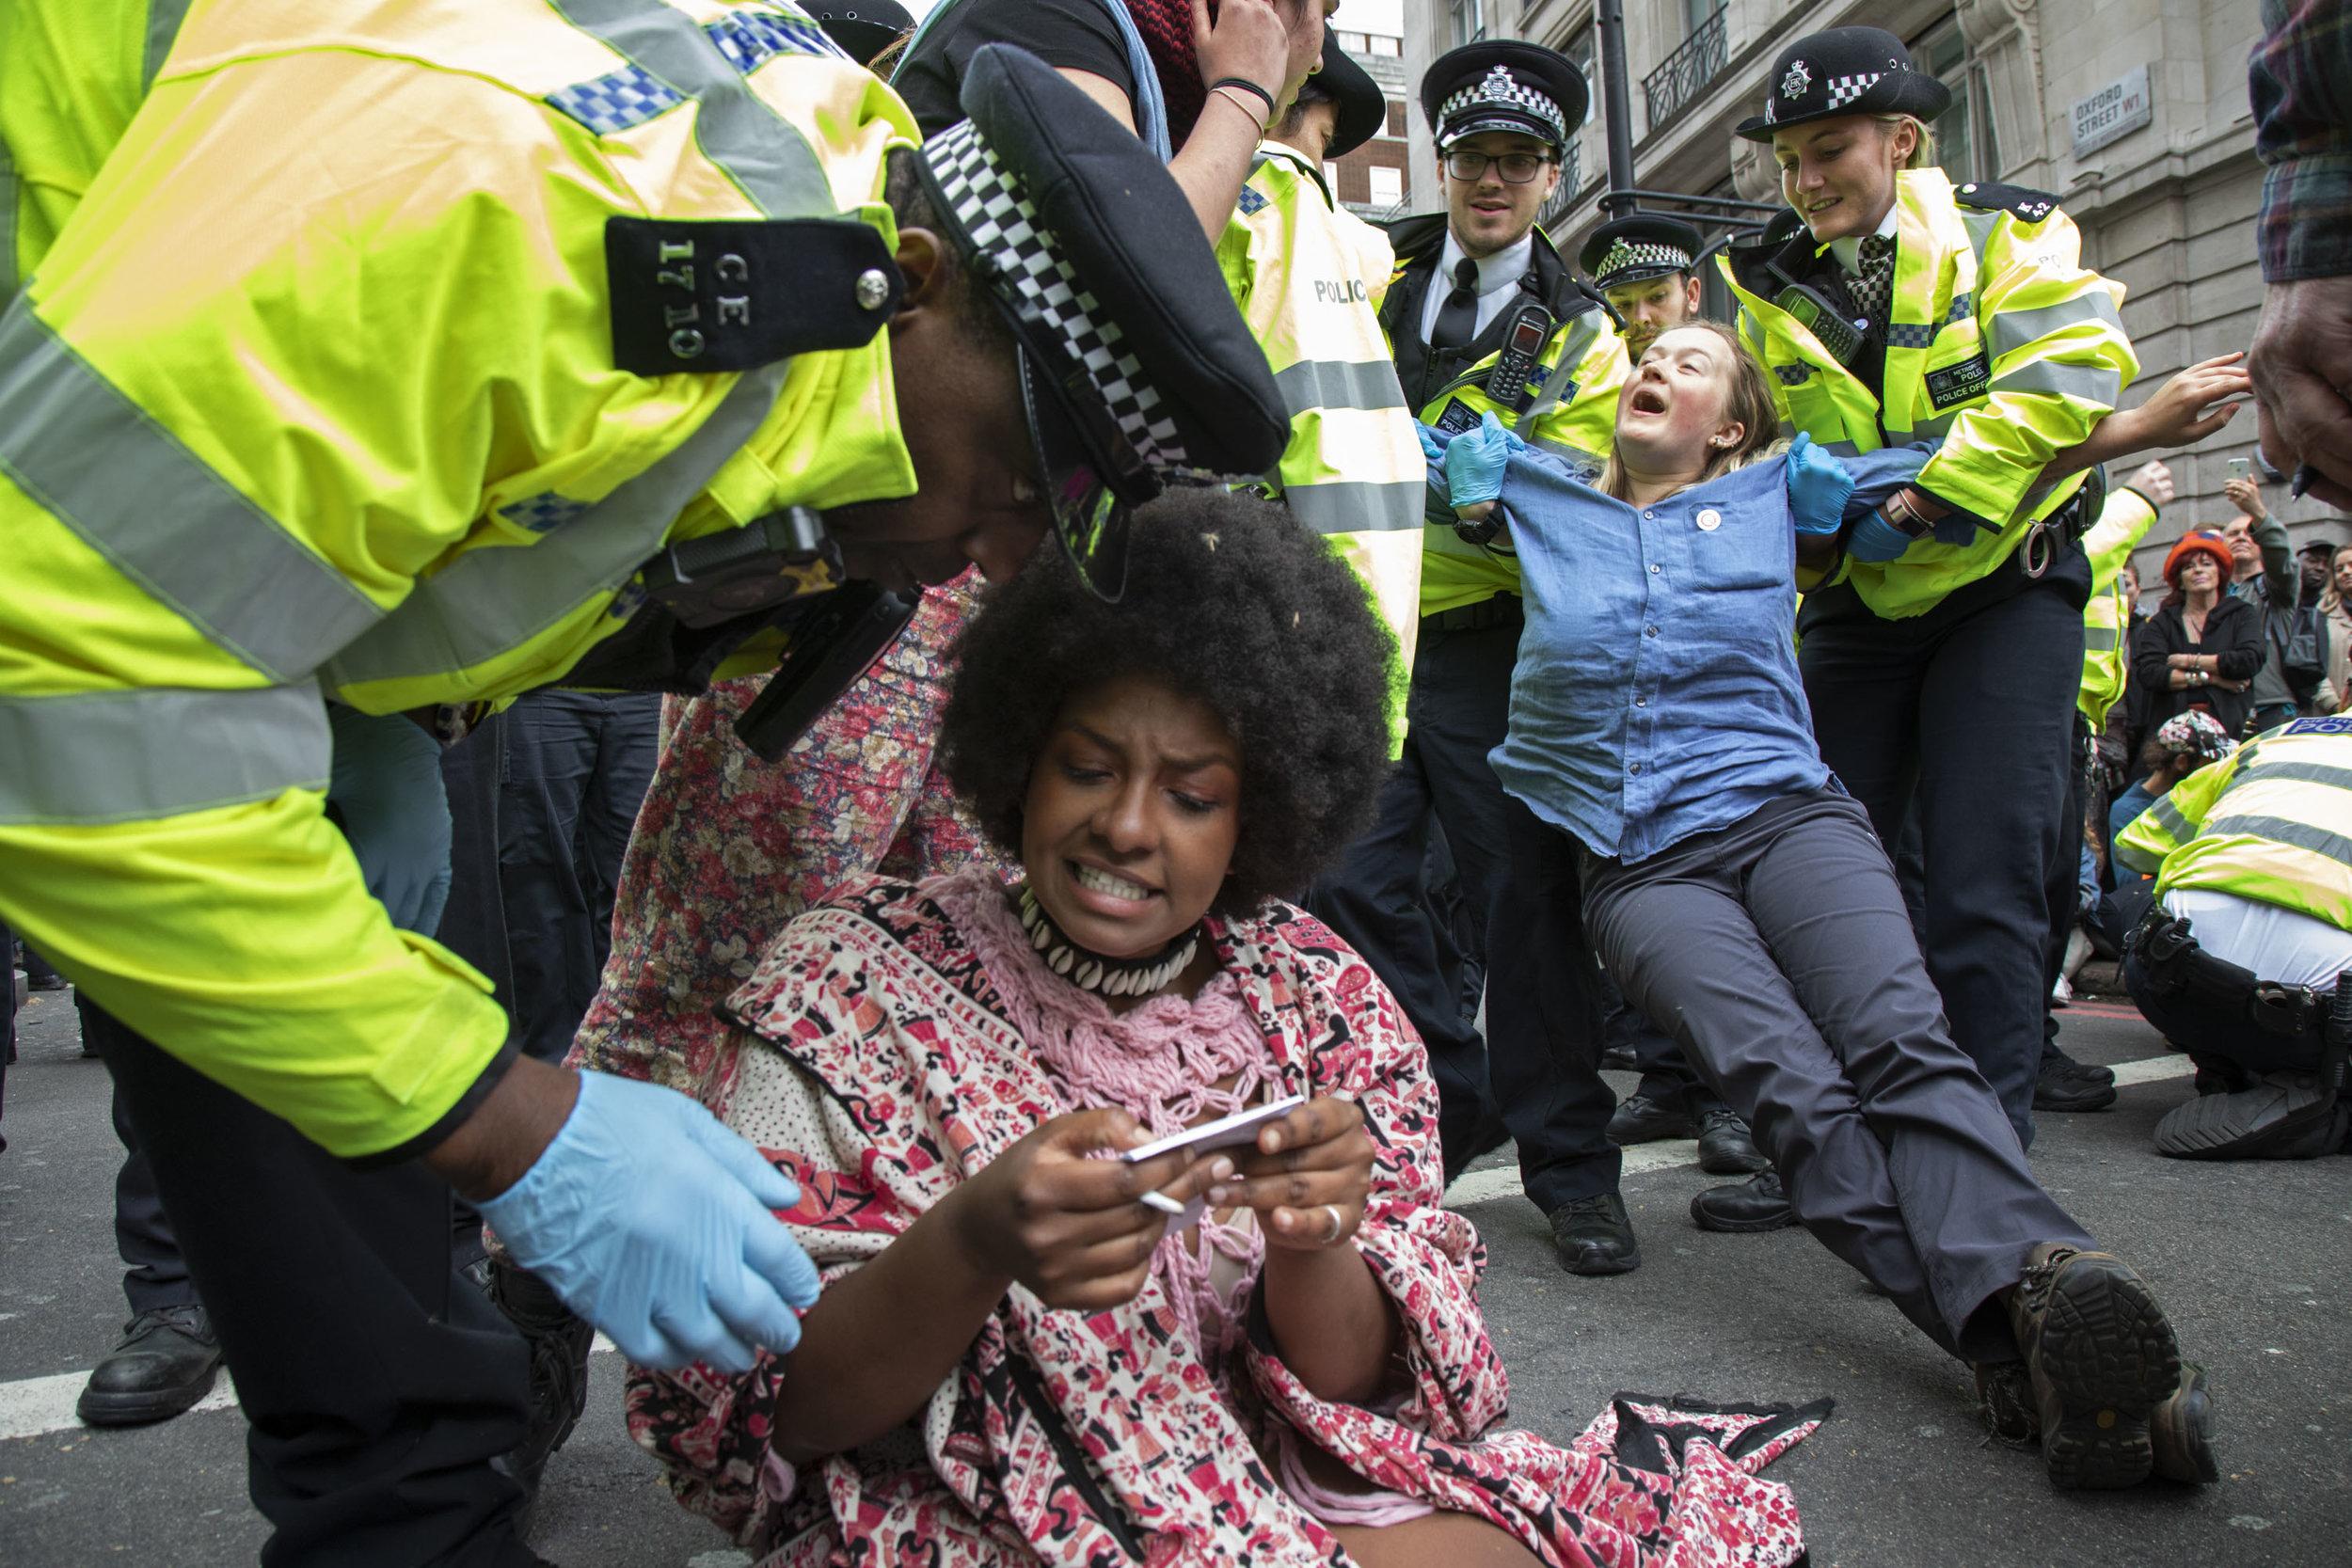 20190424_extinction rebellion arrests clearance_045.jpg